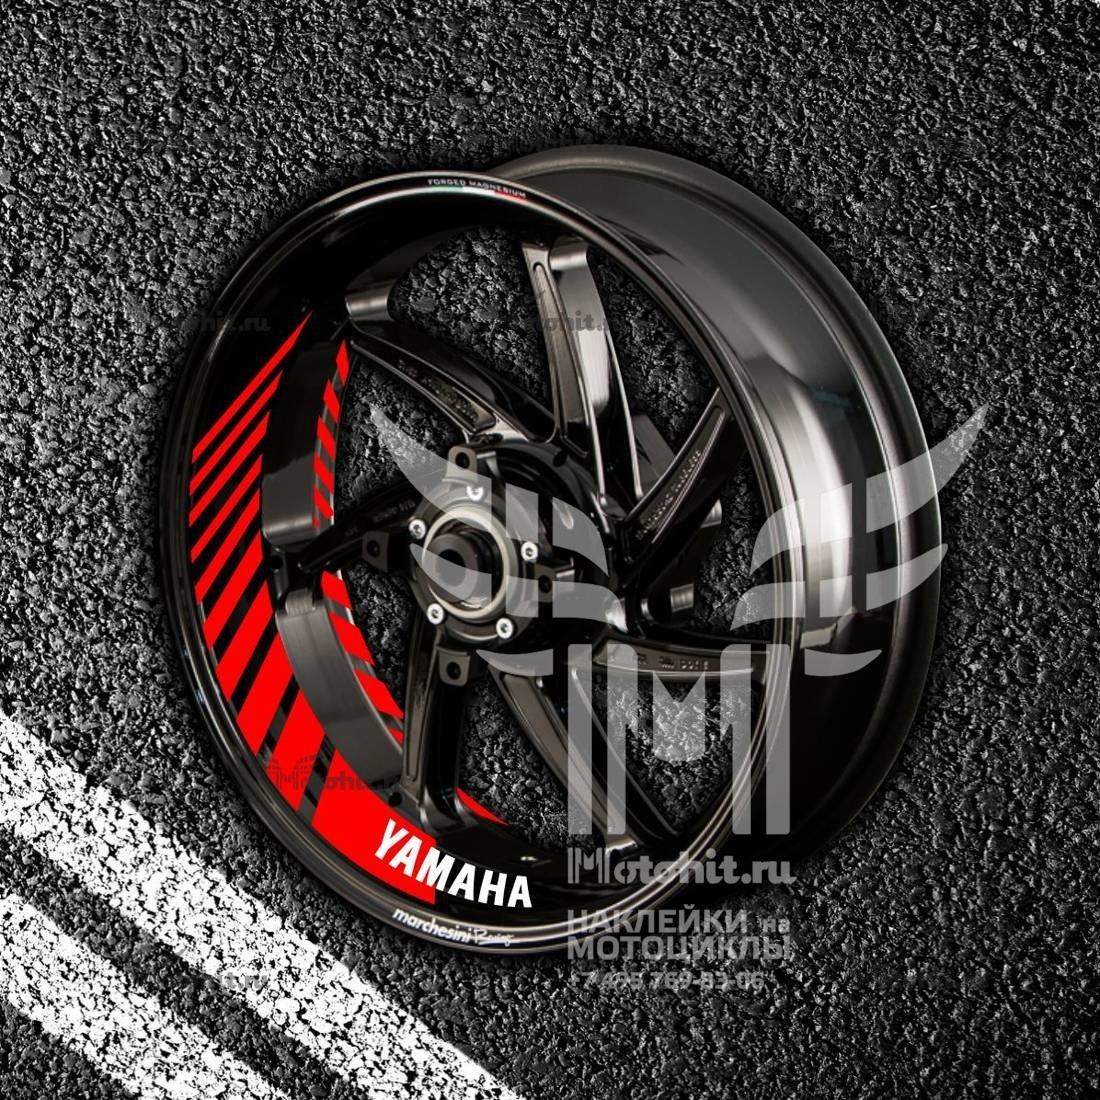 Комплект наклеек с полосами на колеса мотоцикла YAMAHA